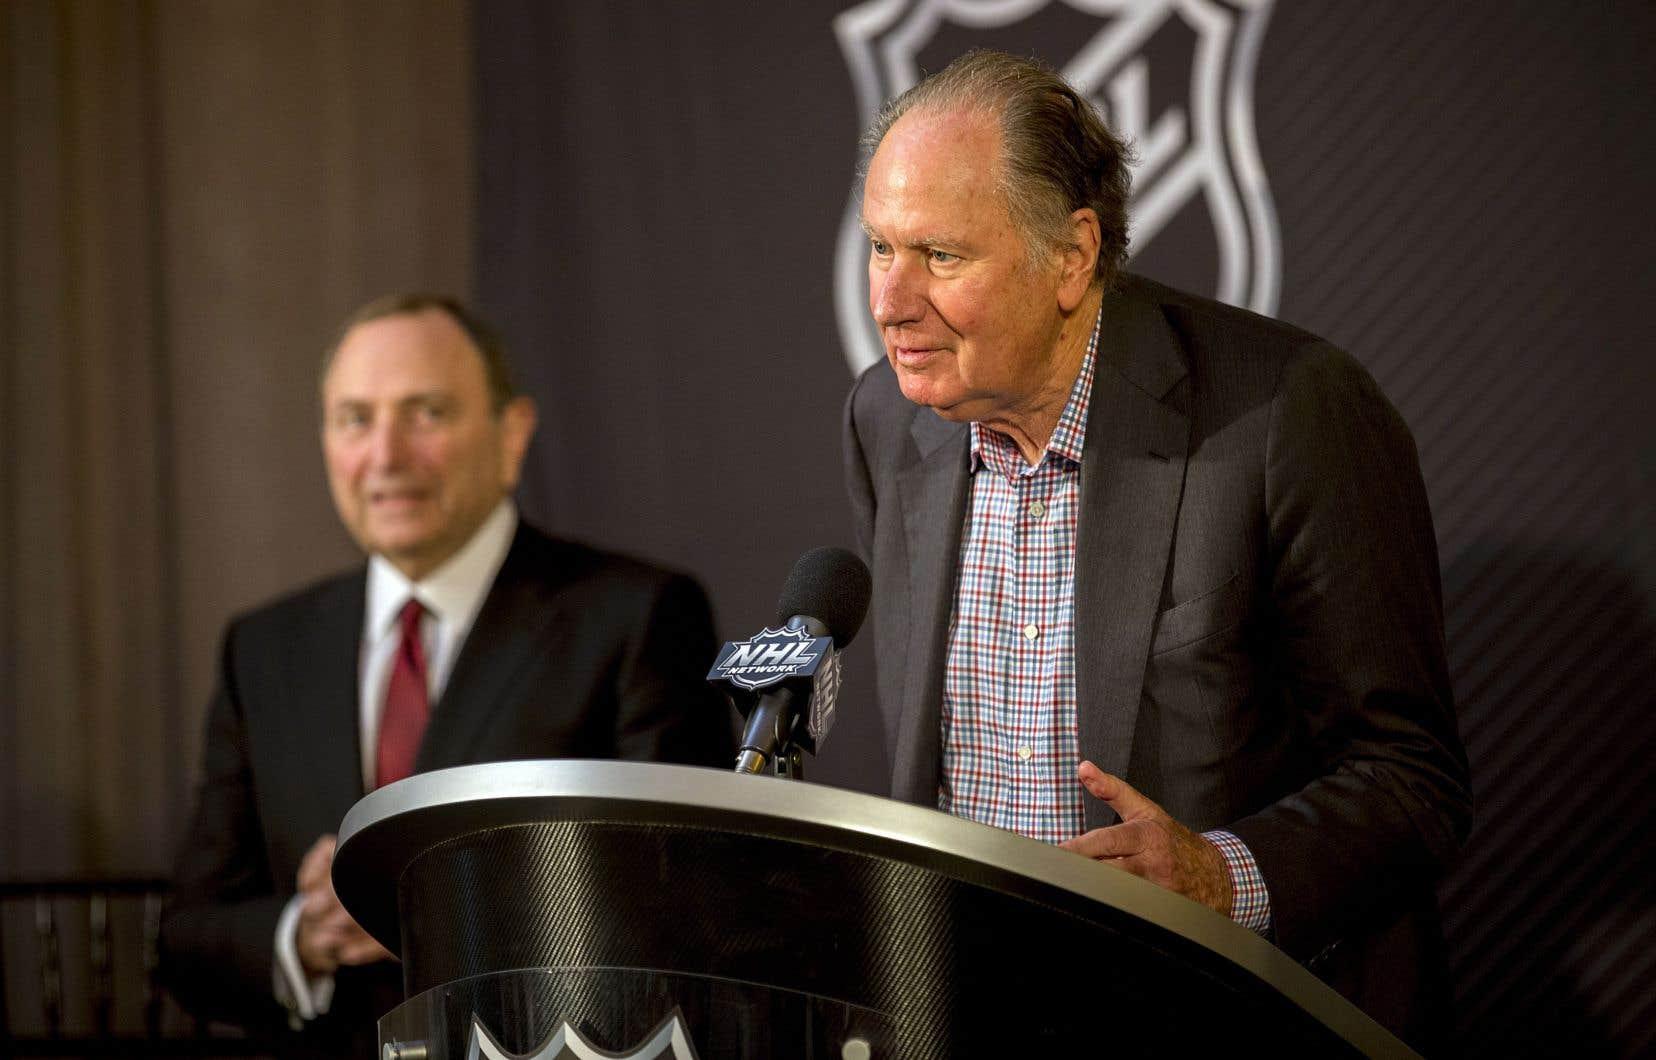 Le propriétaire de la future équipe de Seattle, David Bonderman, s'est adressé aux médias en compagnie du commissaire de la Ligue nationale de hockey, Gary Bettman.